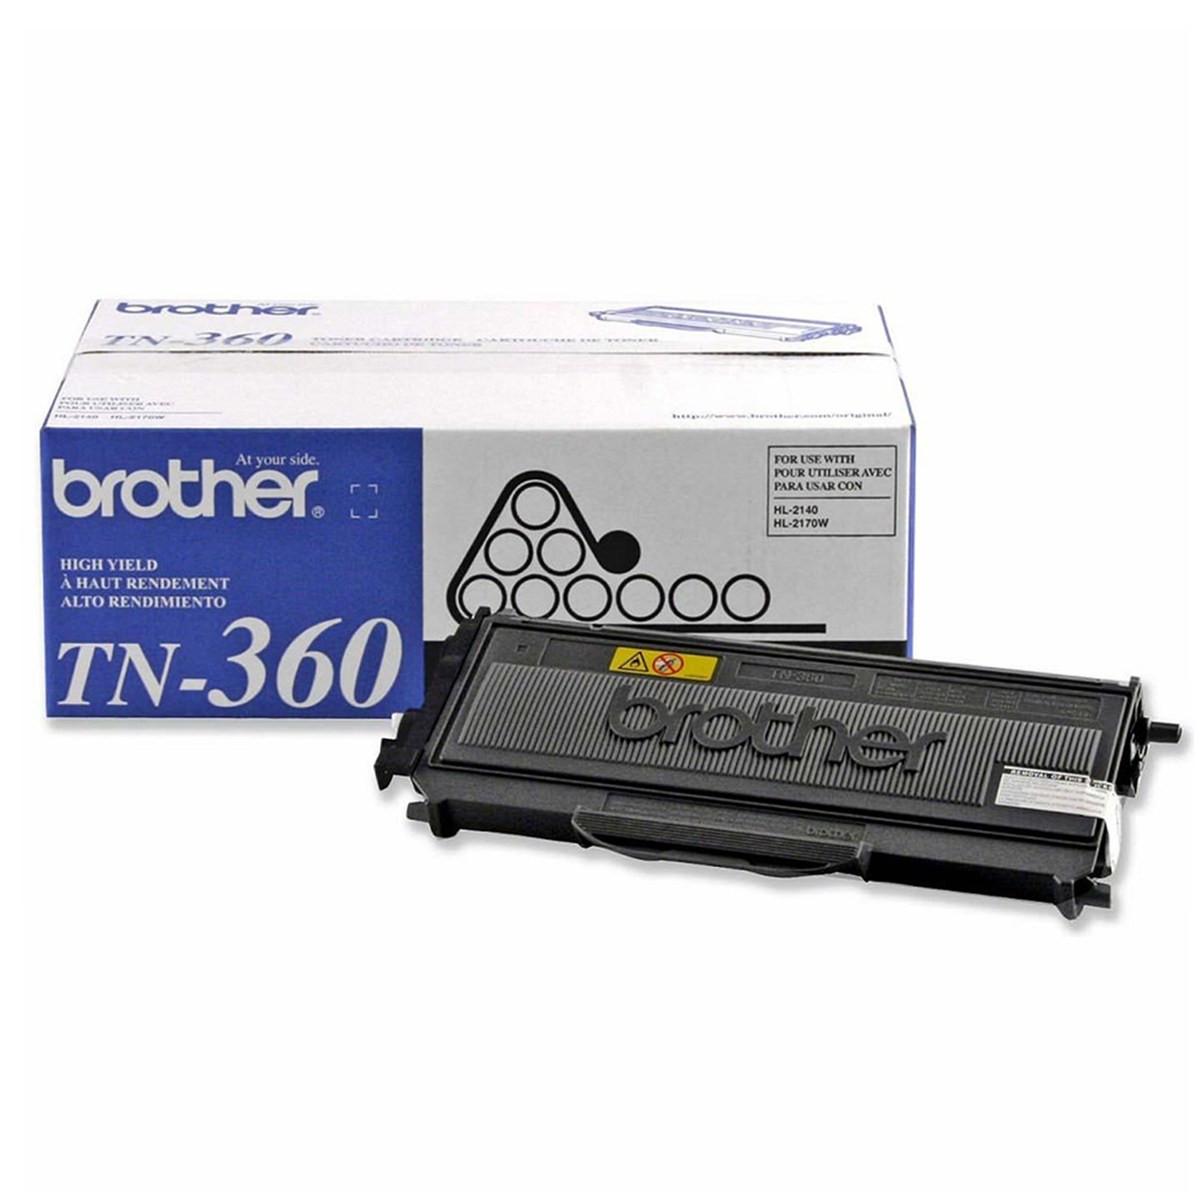 Toner Brother TN360 | DCP7040 HL2140 DCP7030 HL2170W MFC7340 MFC7345N | Original 2.6k